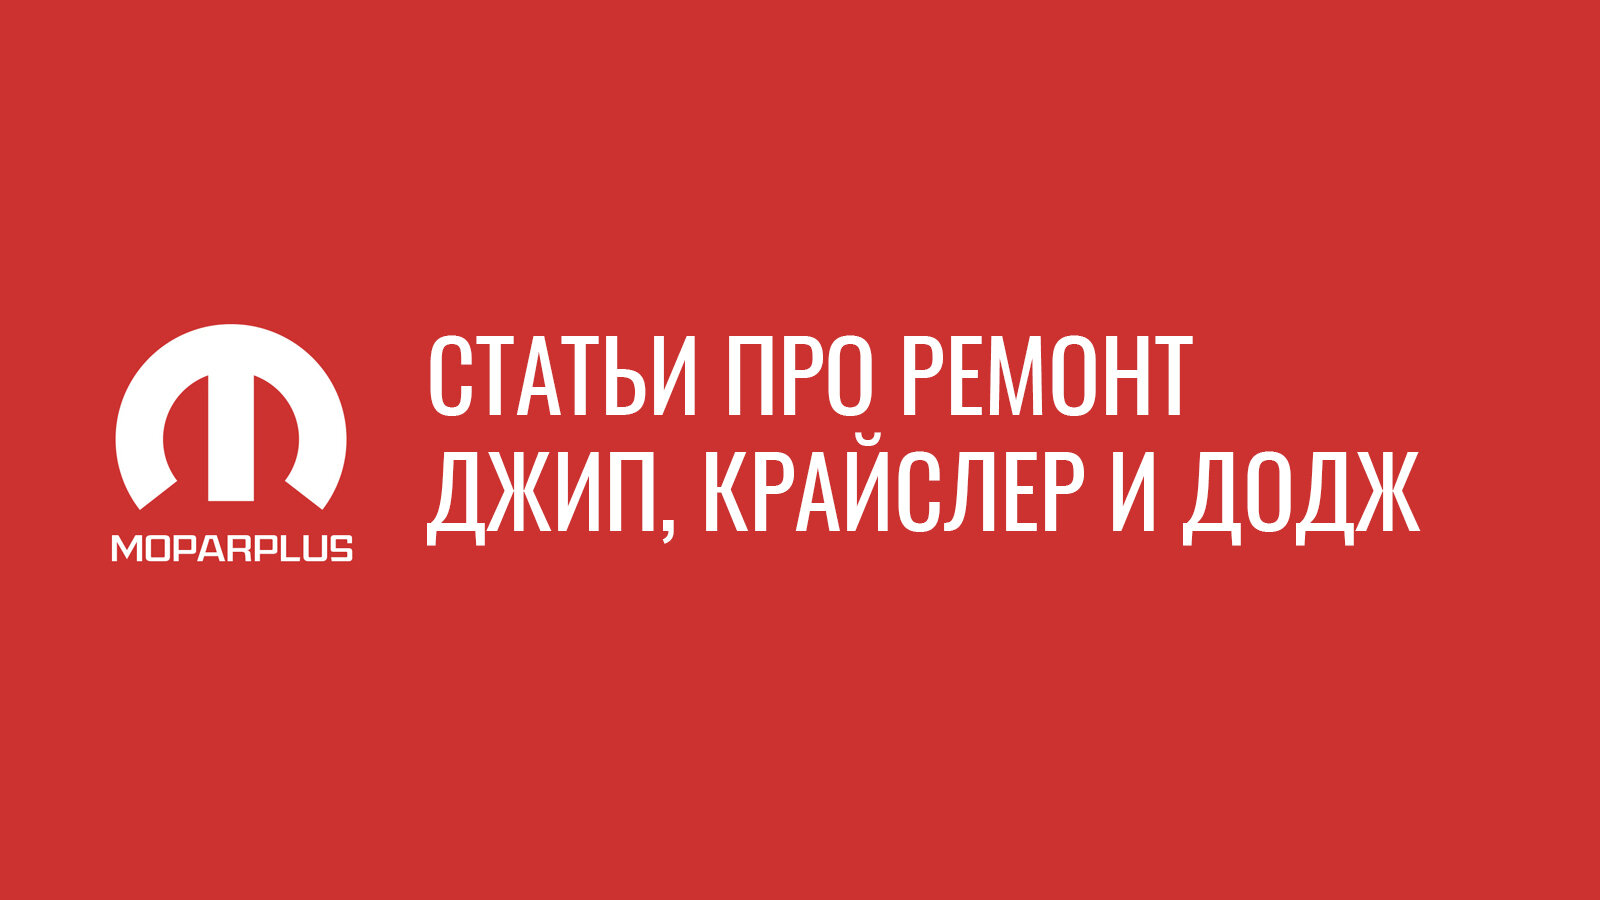 Статьи про ремонт. Выпуск №81.